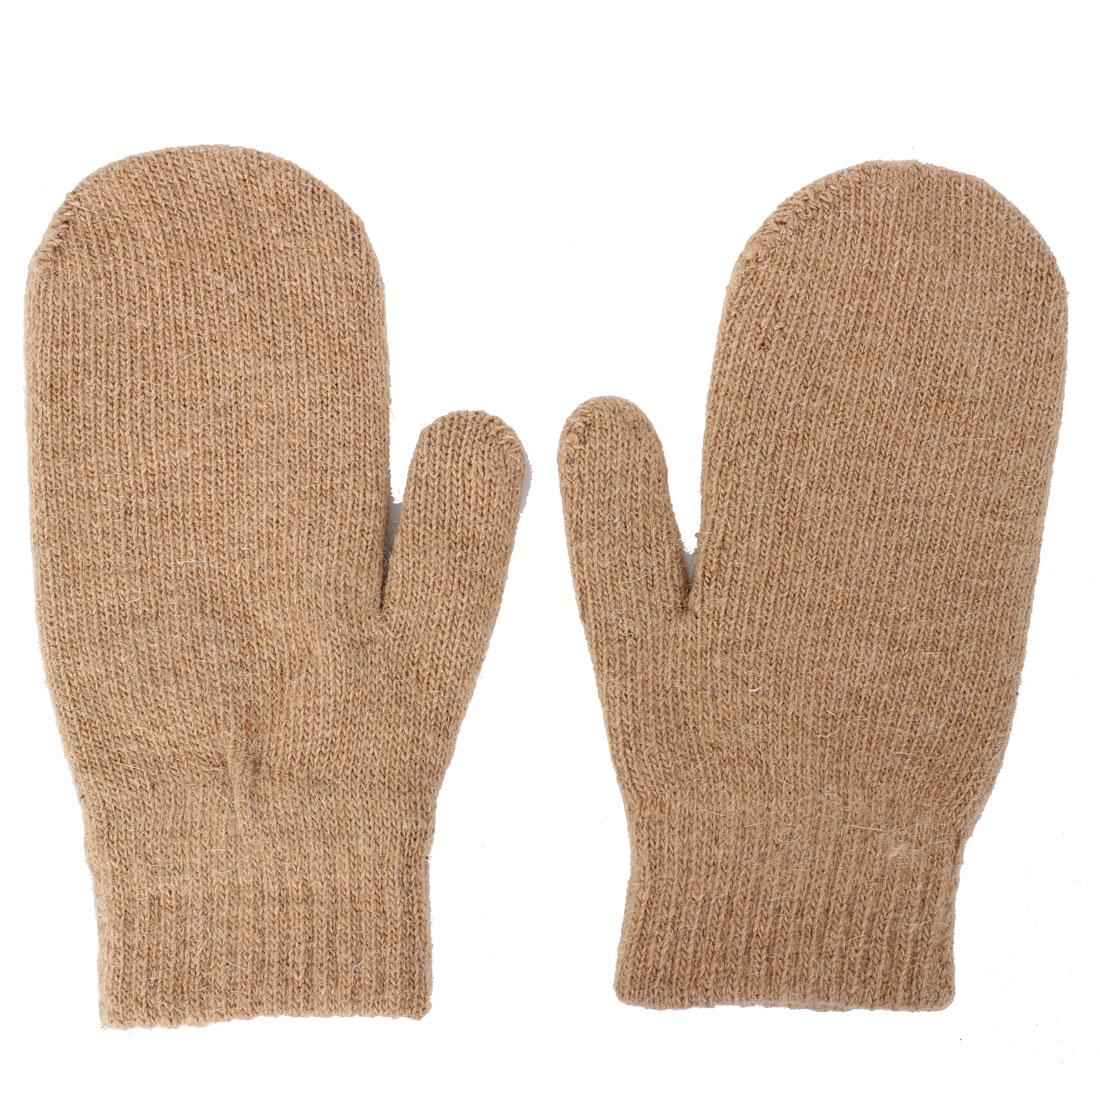 Unisex Winter Wrist Warm Thermal Elastic Mitten Gloves Light Brown Pair